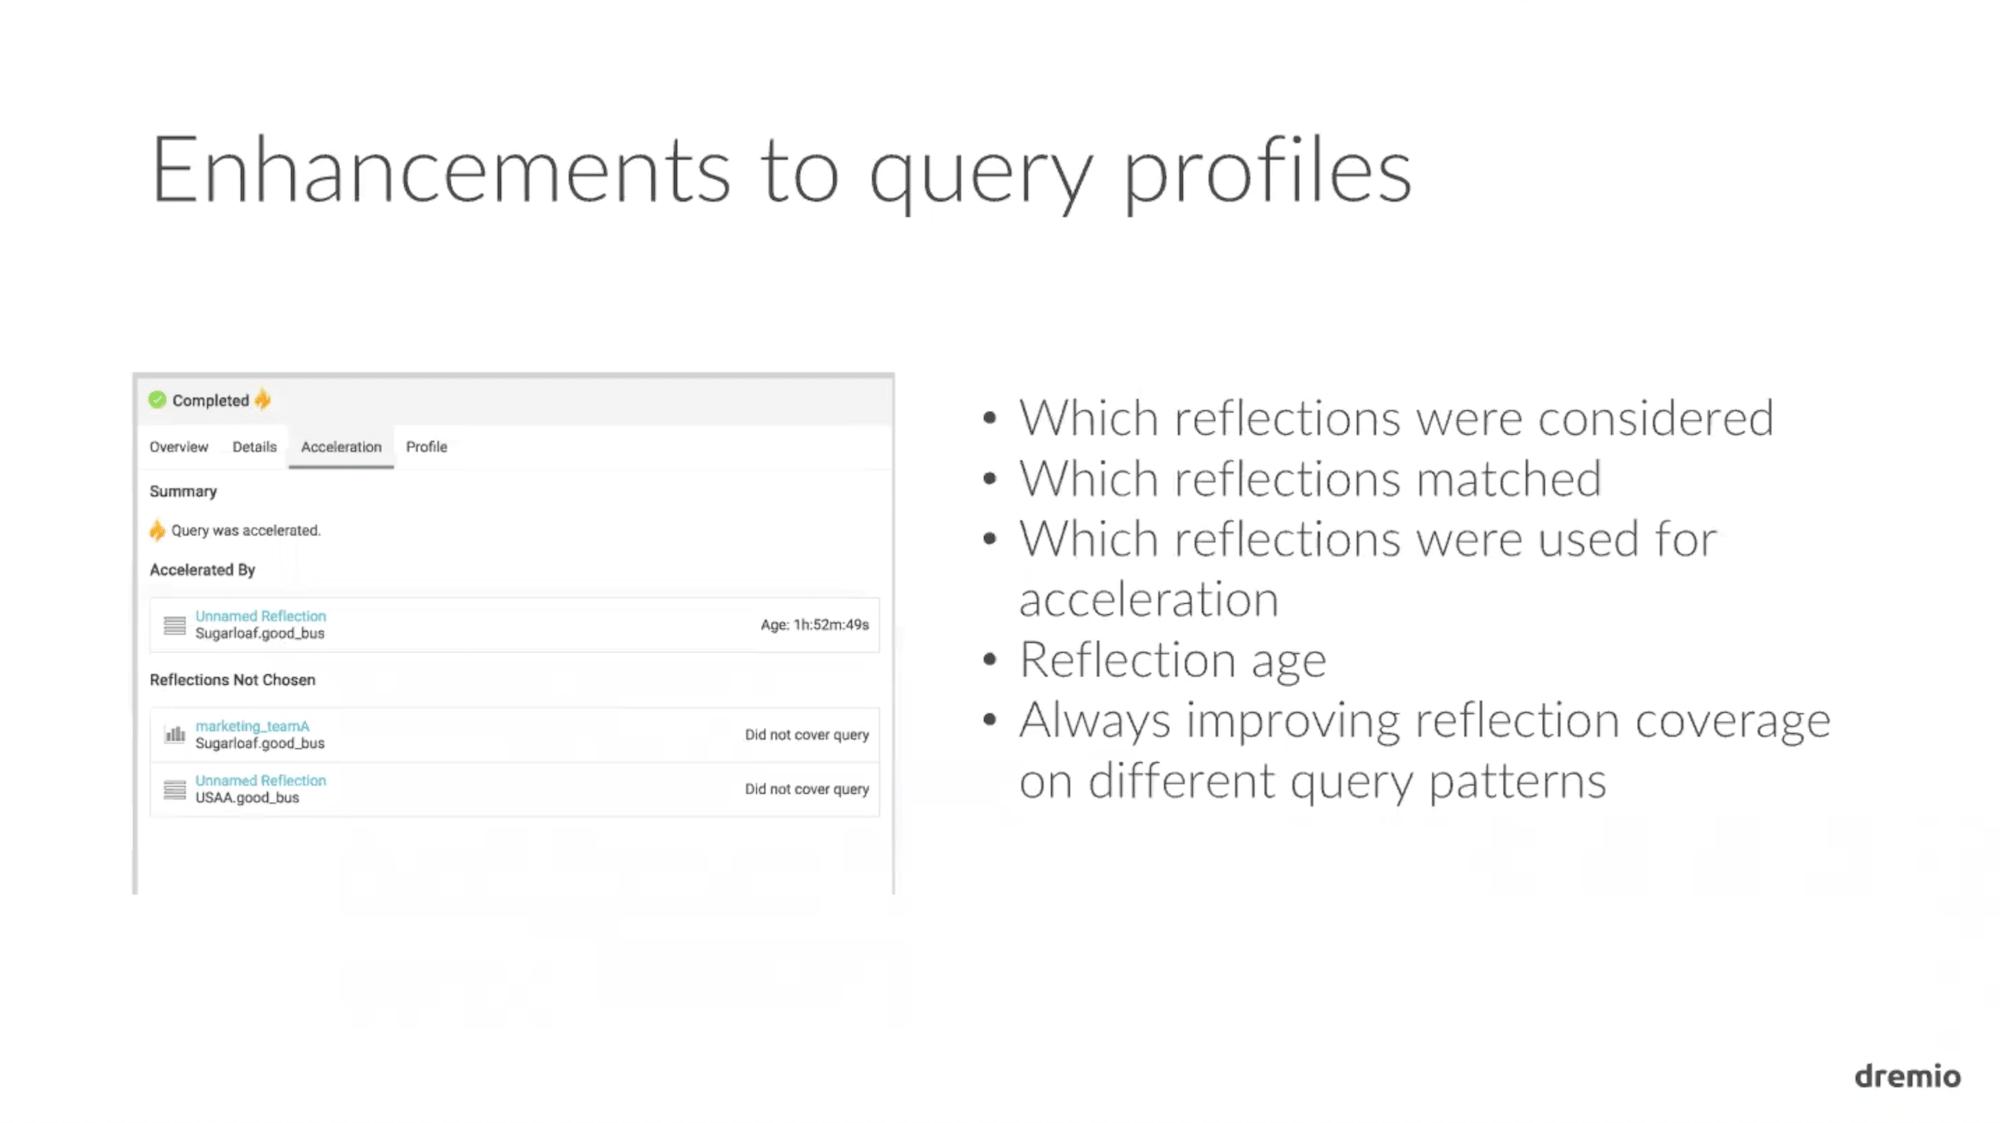 Dremio 1.3 Enhancements to Query Profiles